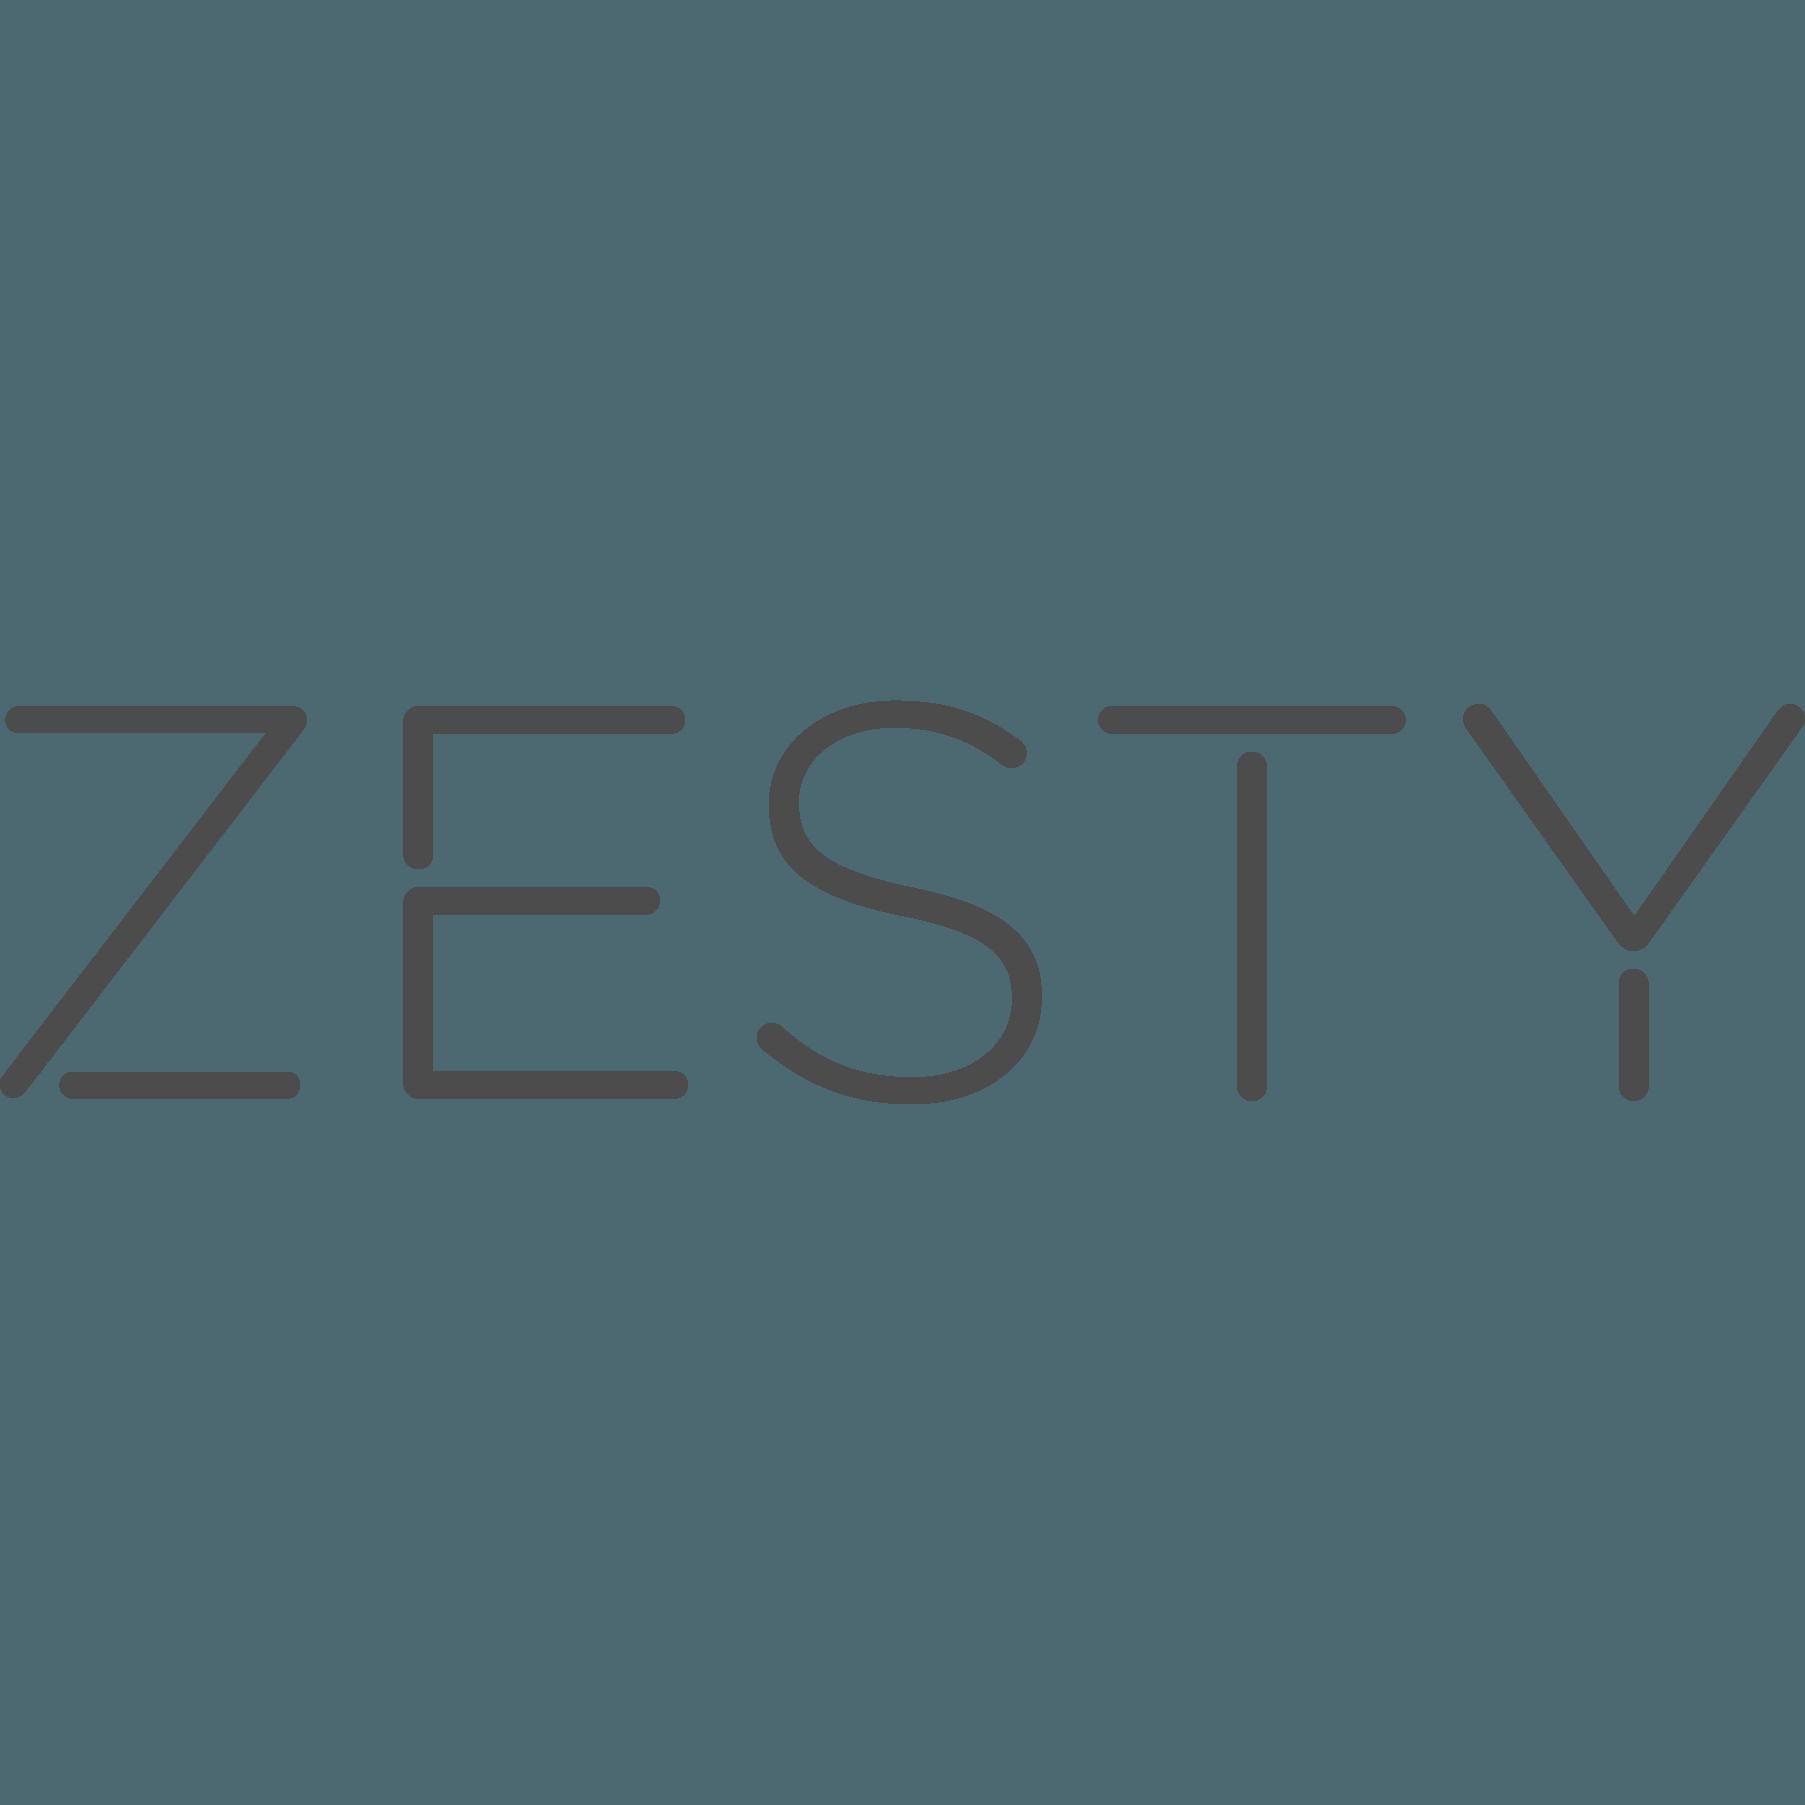 Simply Zesty